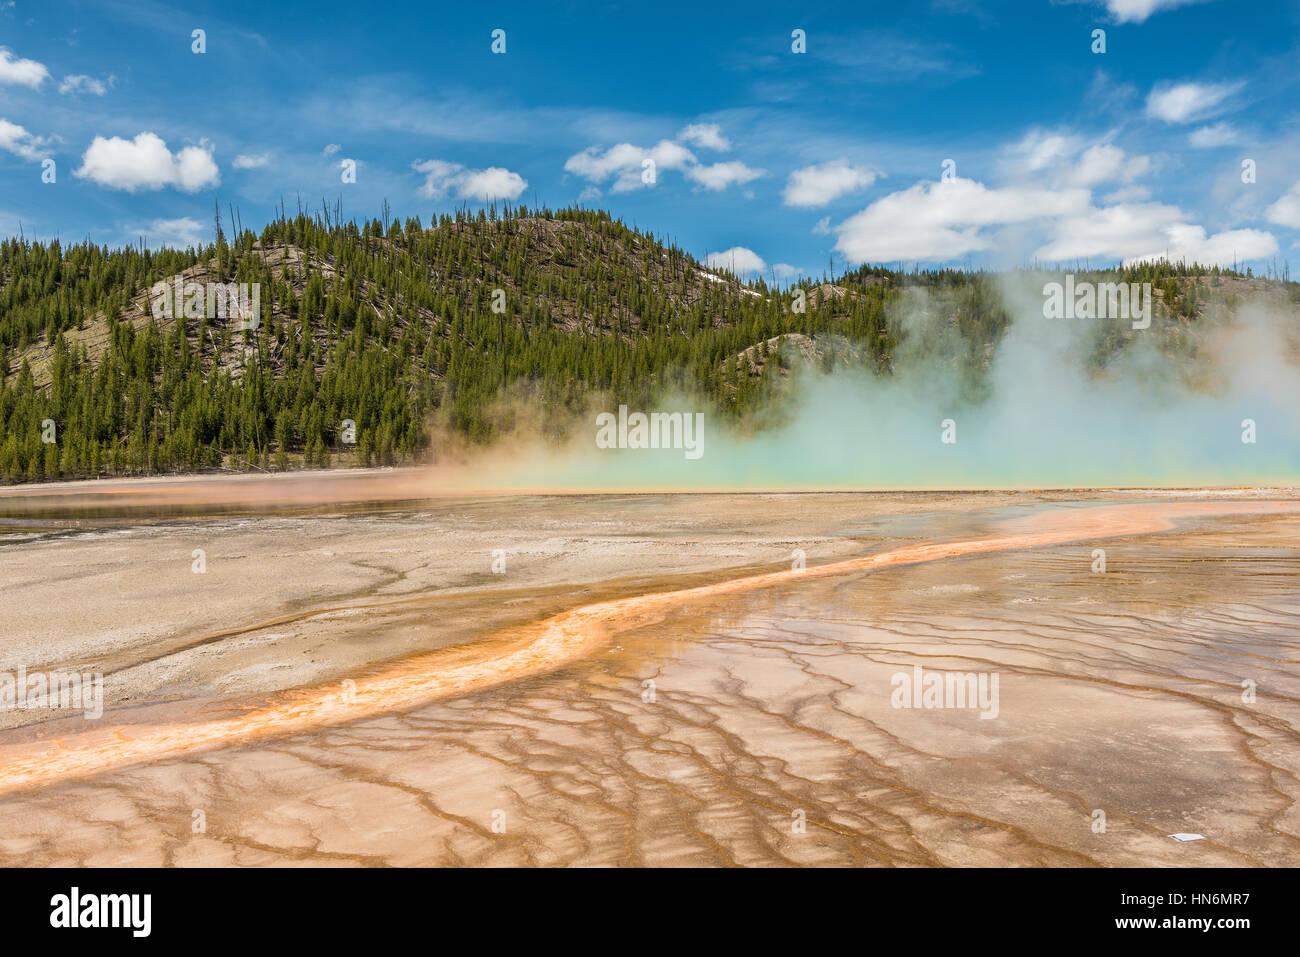 Aumento de vapor y neblina azul de Grand Prismatic hot spring en Midway Geyser basin en el Parque Nacional de Yellowstone con patrones bacterianos rojo Foto de stock